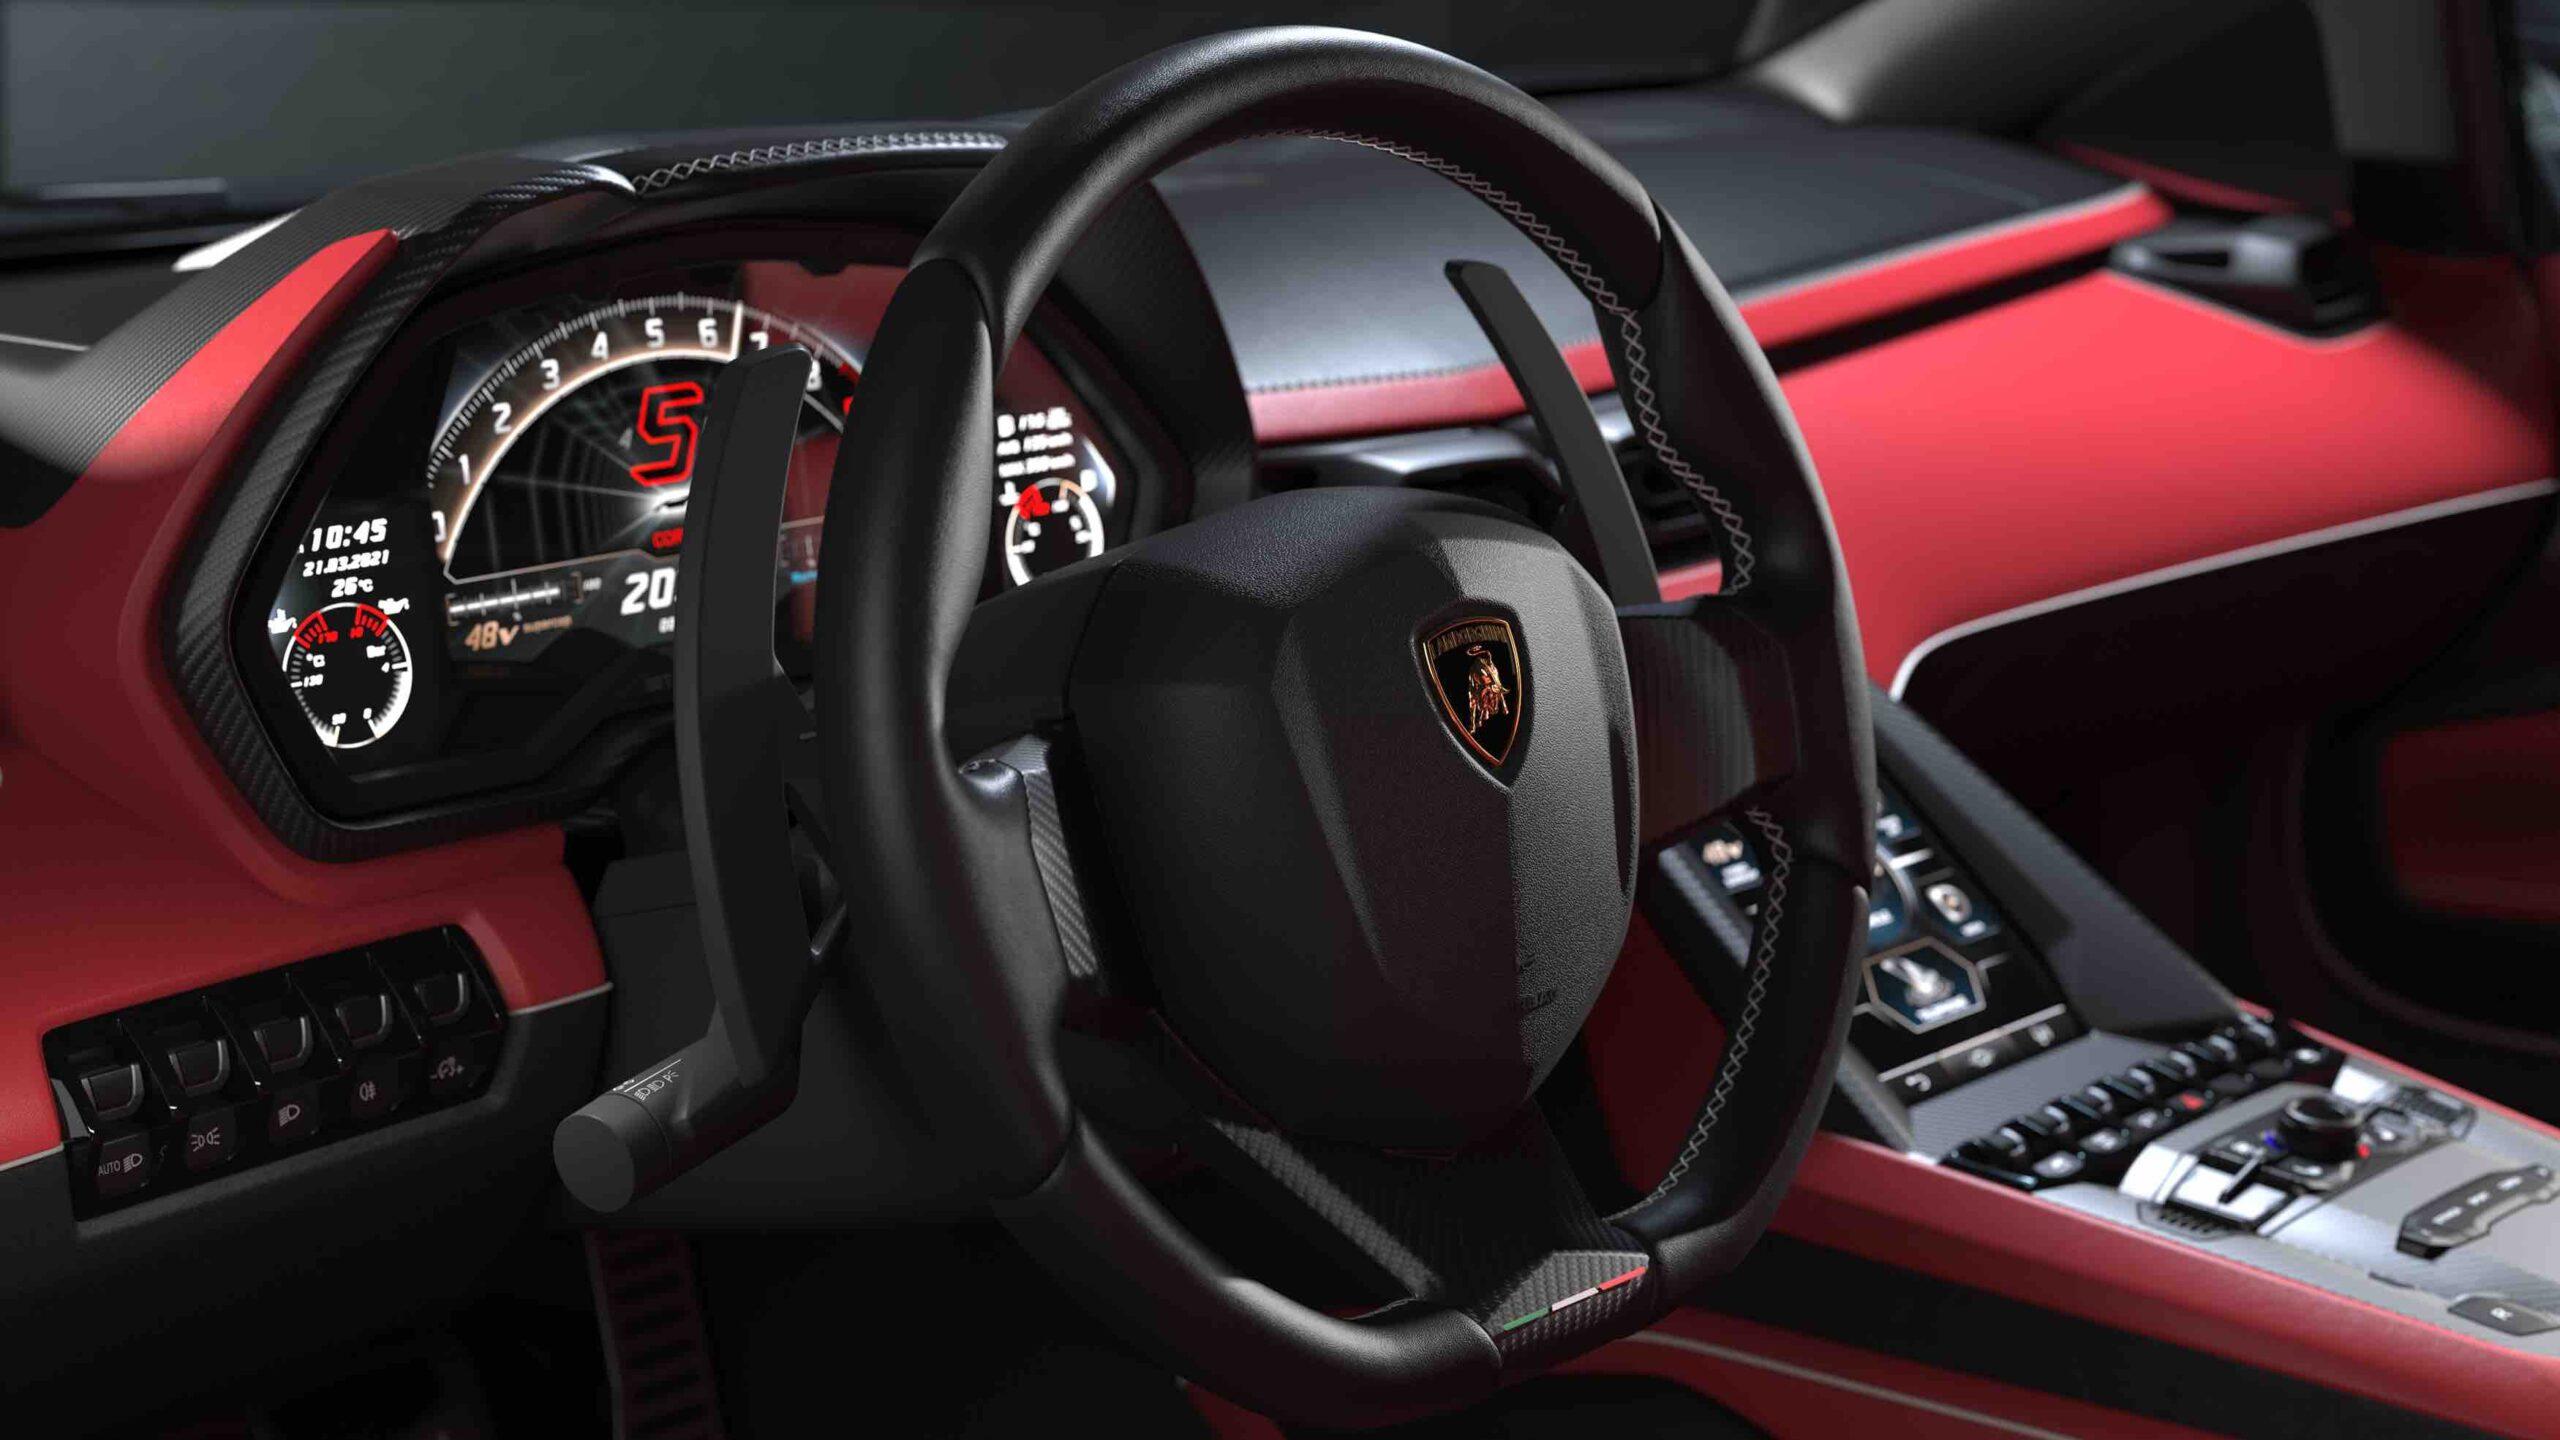 Lamborghini Countach red interior